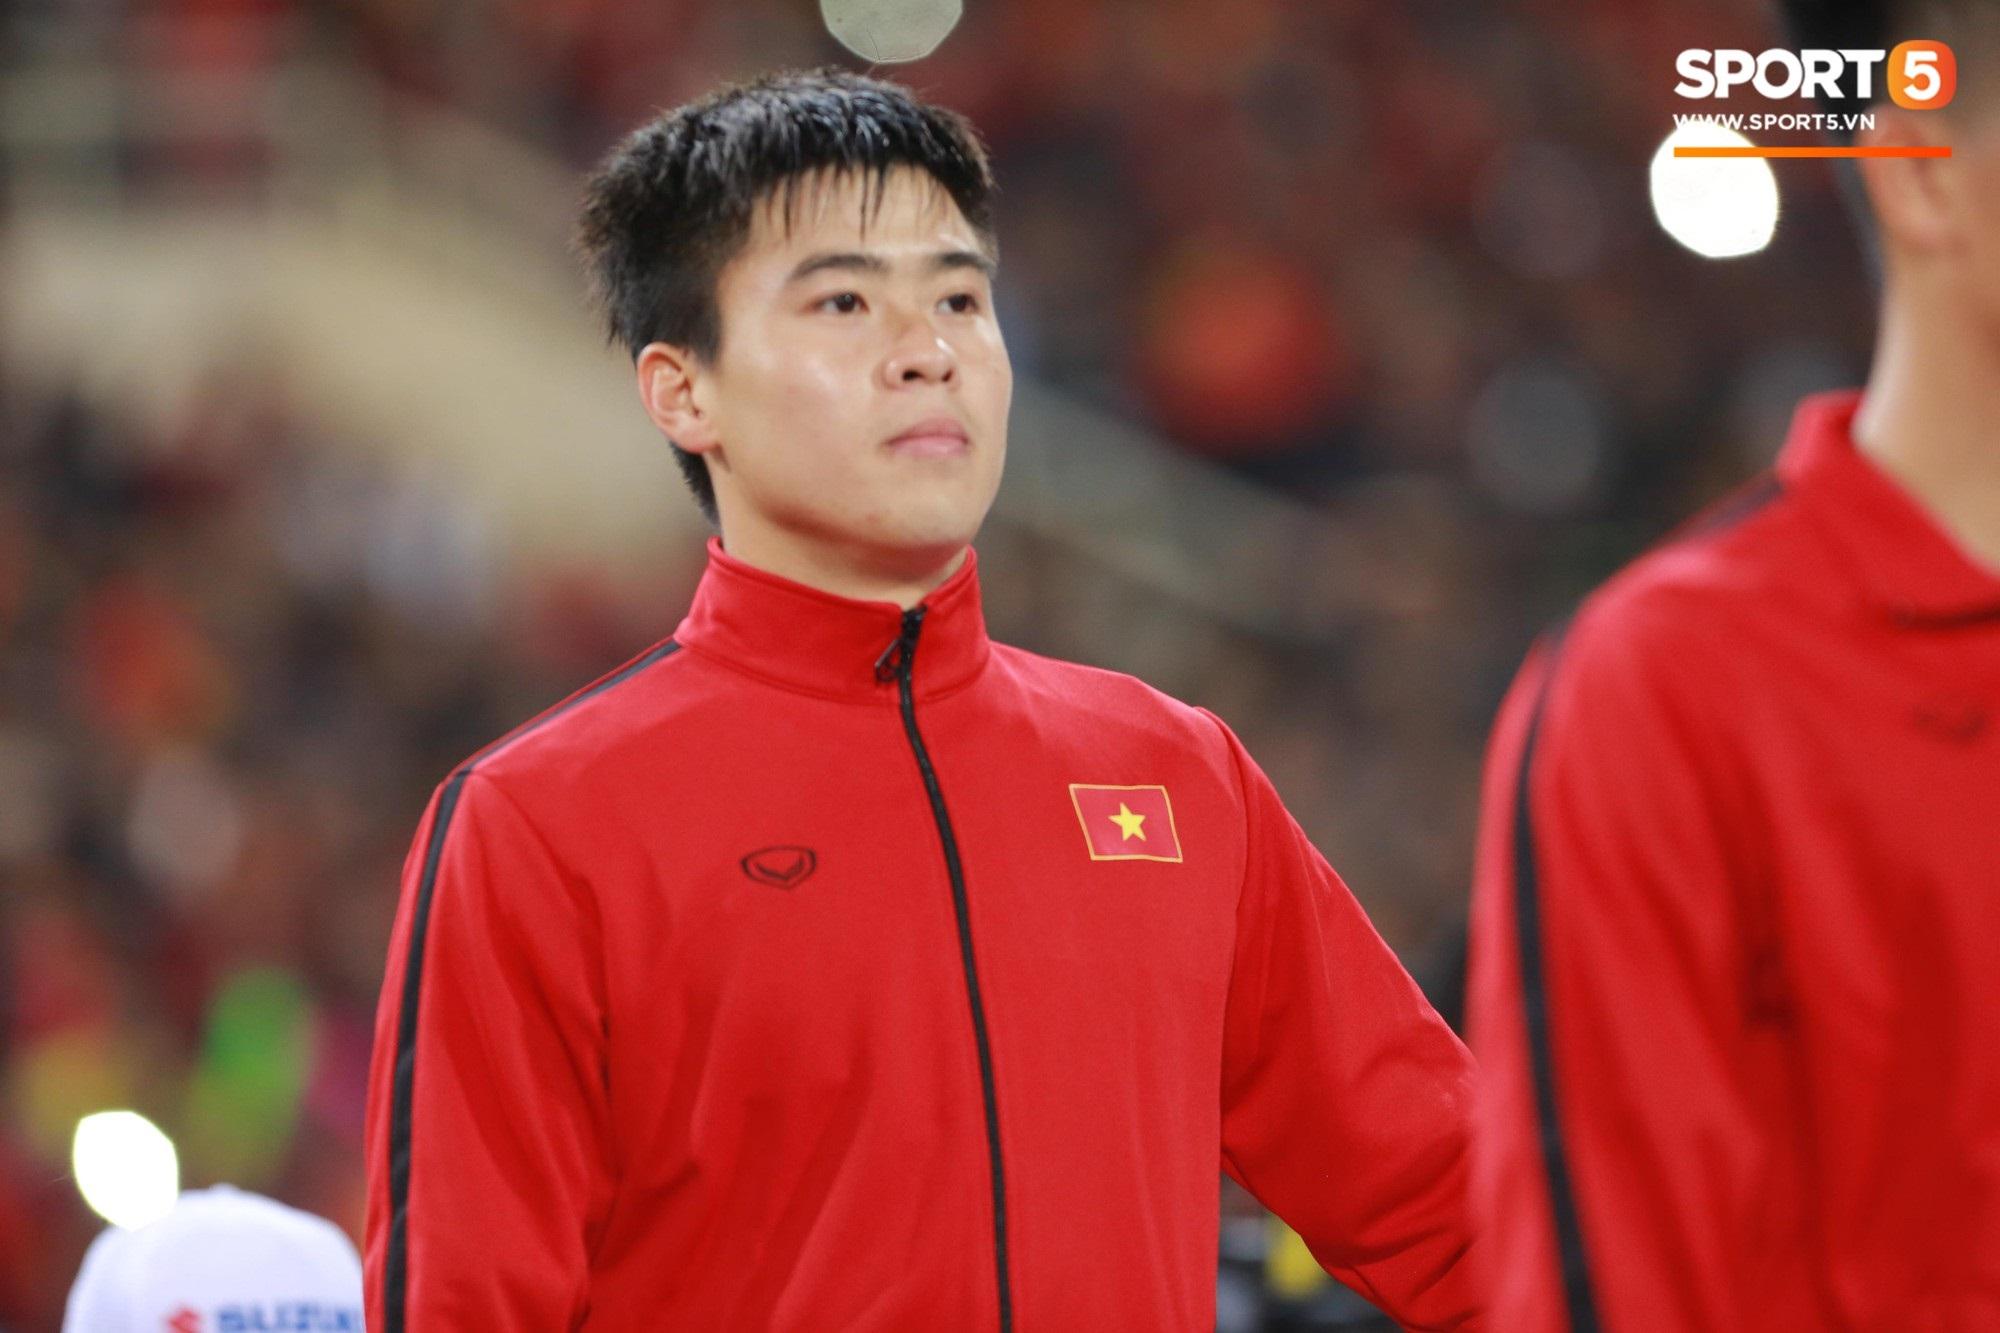 Giây phút chào cờ xúc động của đội tuyển Việt Nam, Đình Trọng, Hồng Duy cùng cầu nguyện trước khi xung trận - Ảnh 9